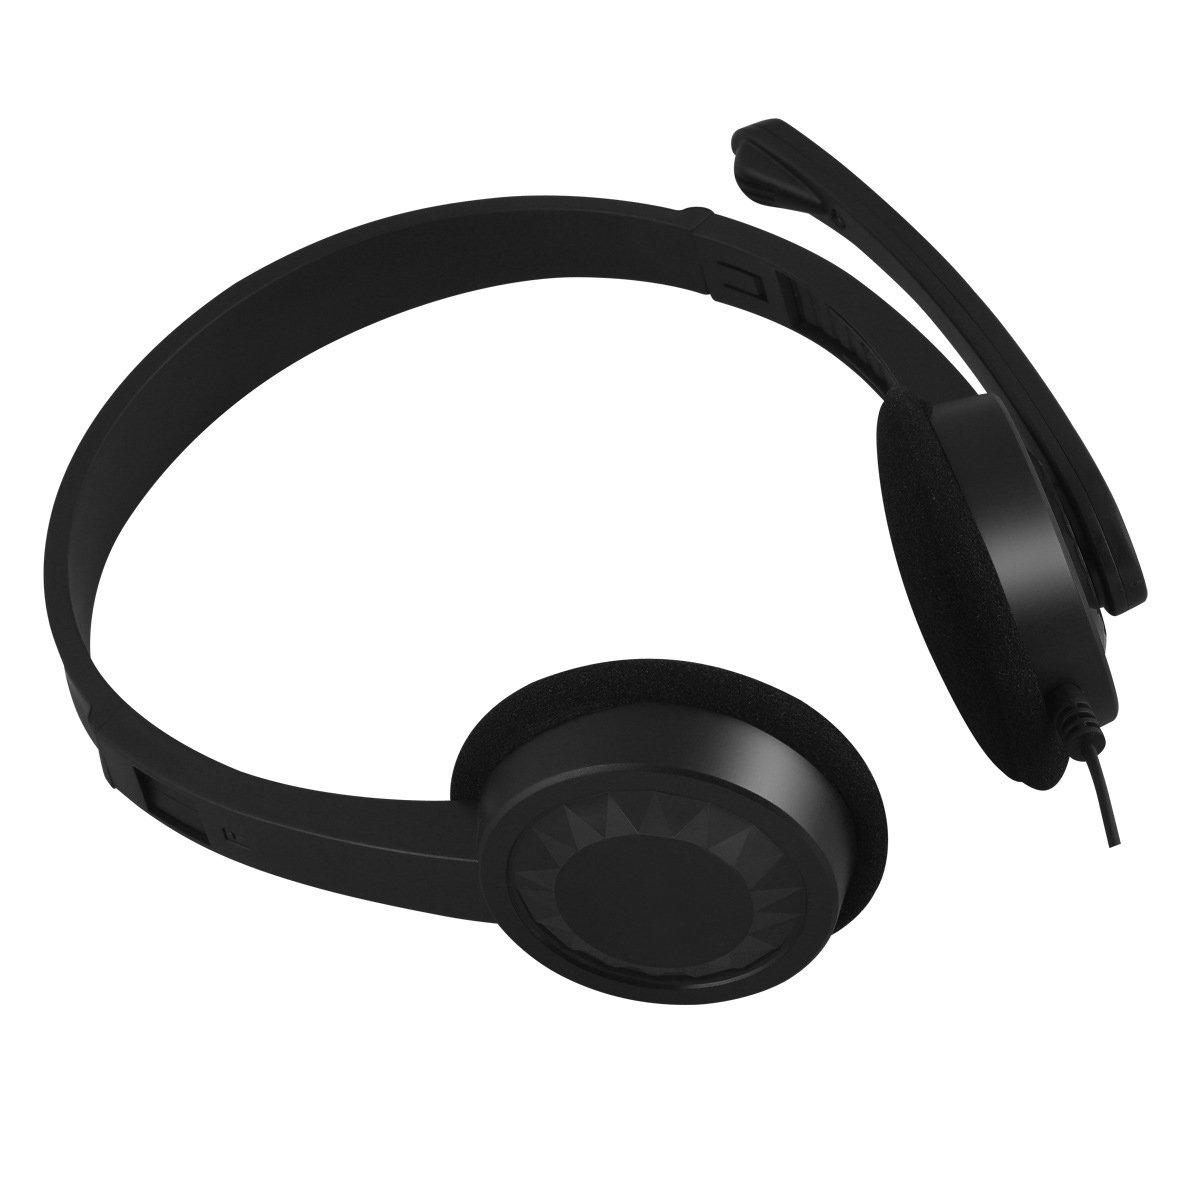 fone de ouvido com microfone ph 02bk preto c3 plus 51113 2000 203321 1